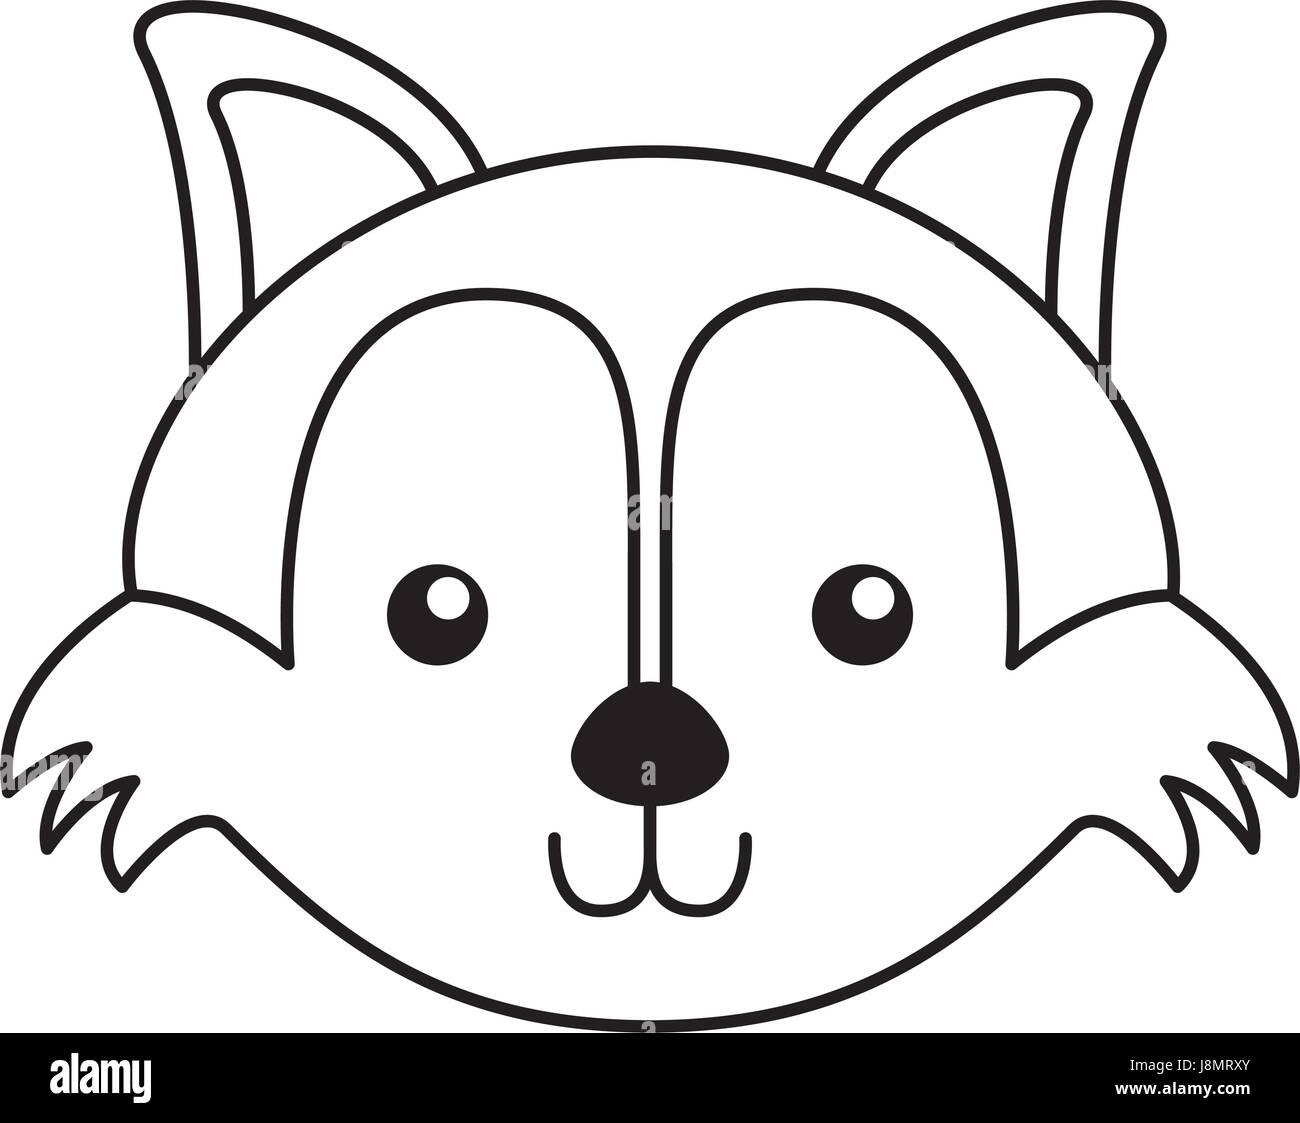 Cute cartoon fox face - photo#34